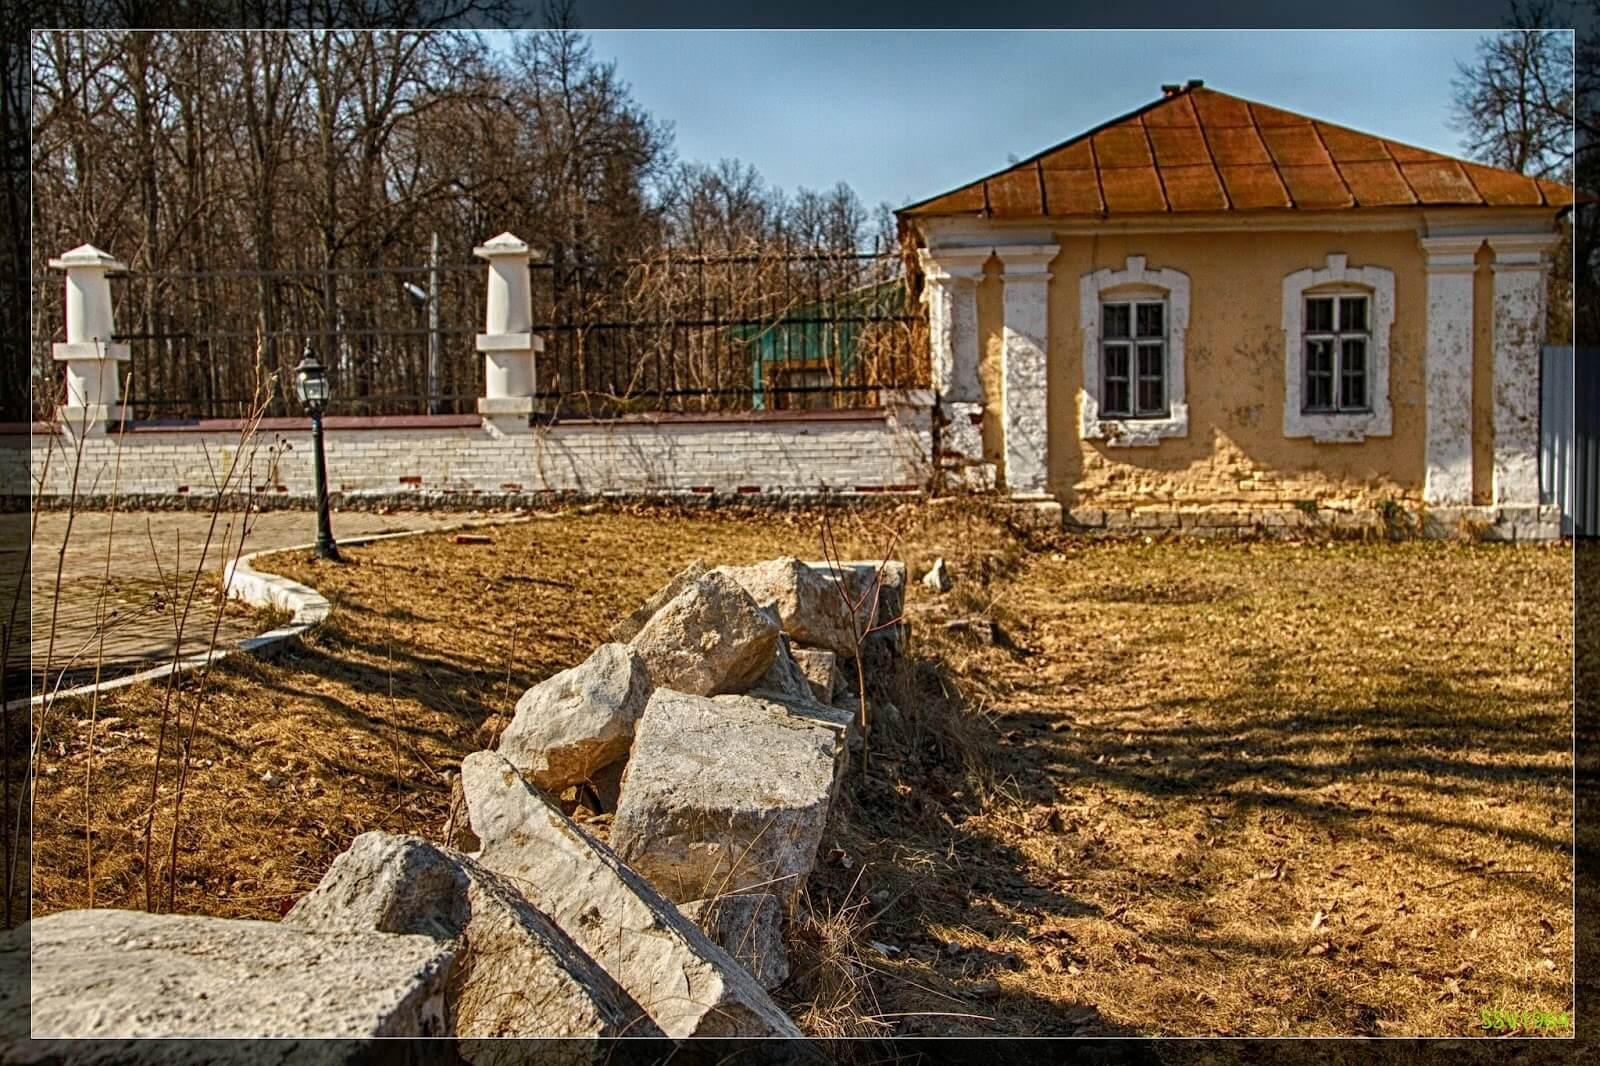 Западный флигель (дом управляющего усадьбой Дубровицы) и камни - остатки стены, выстроенной вокруг усадьбы графом Матвеем Дмитриевым-Мамоновым в 1820-х гг.